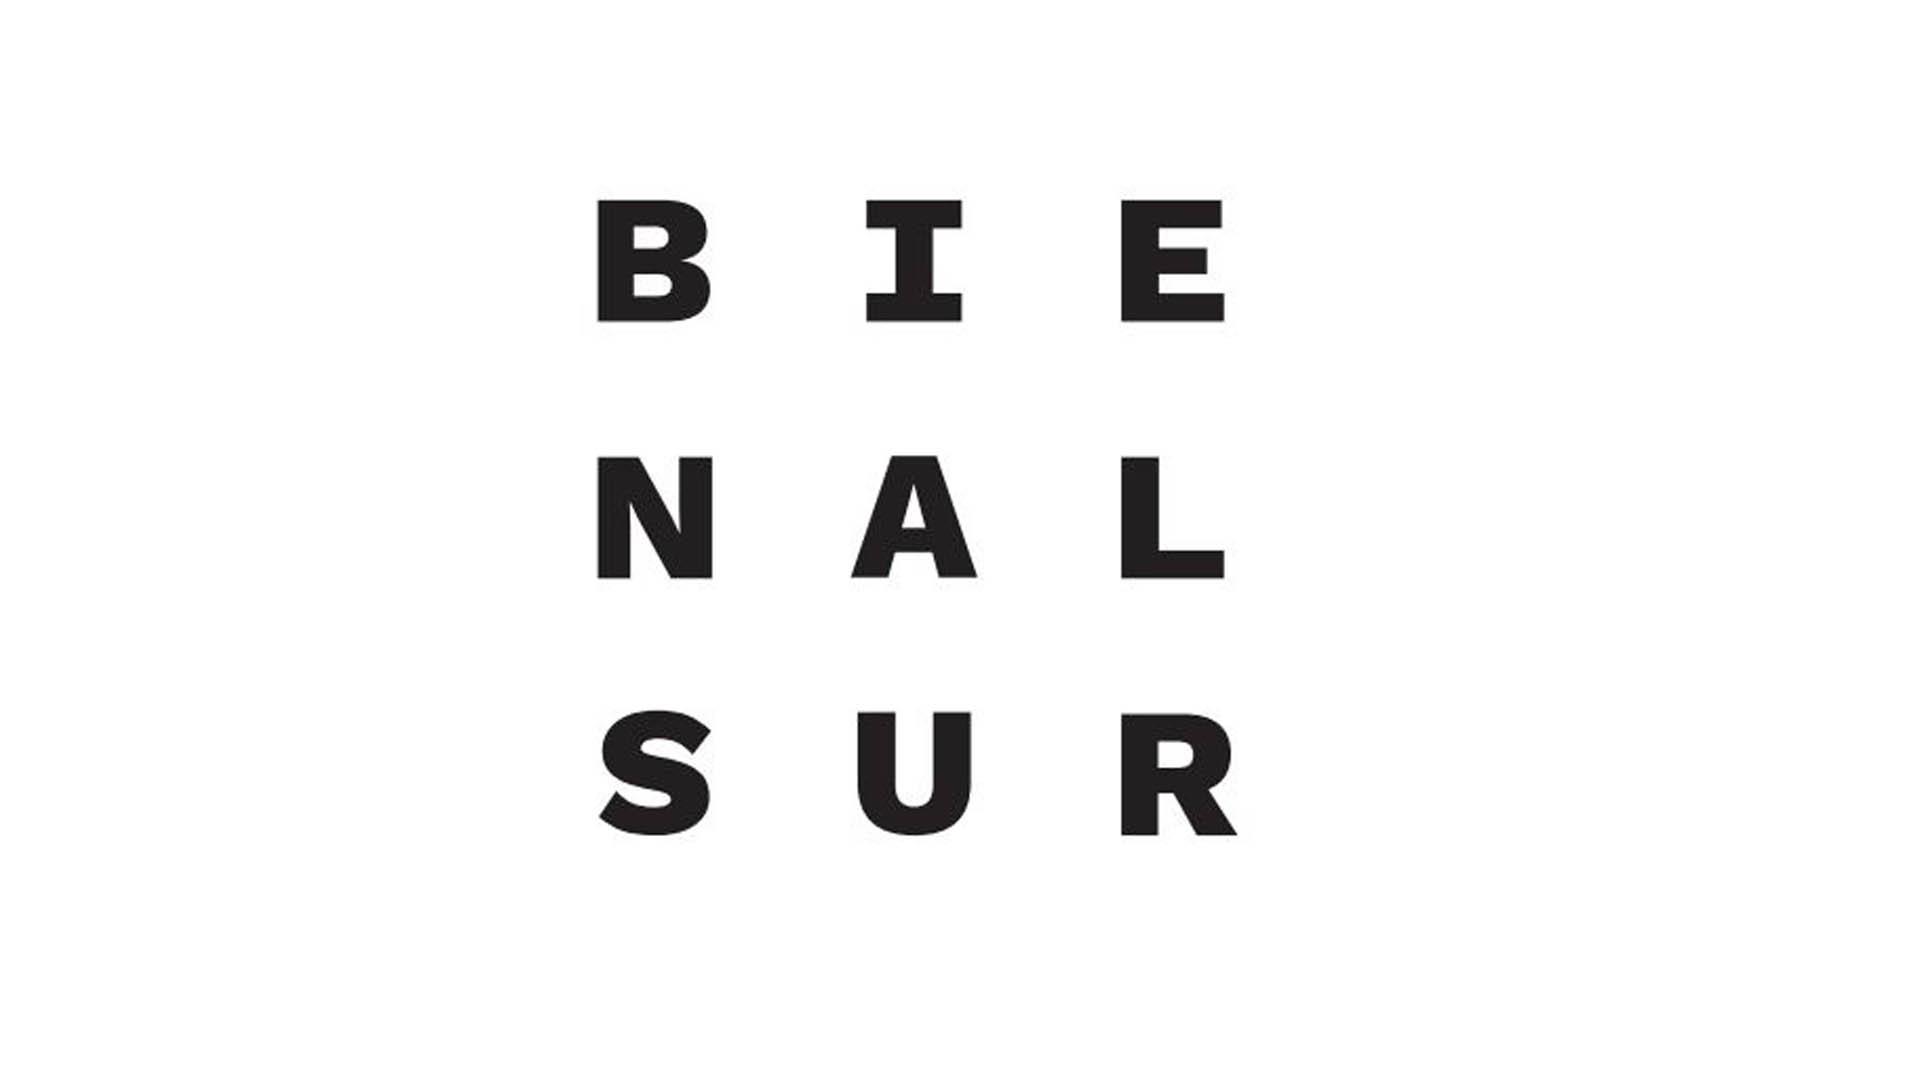 Comenzó Bienalsur, el encuentro de arte que se desarrolla en más de 20 países